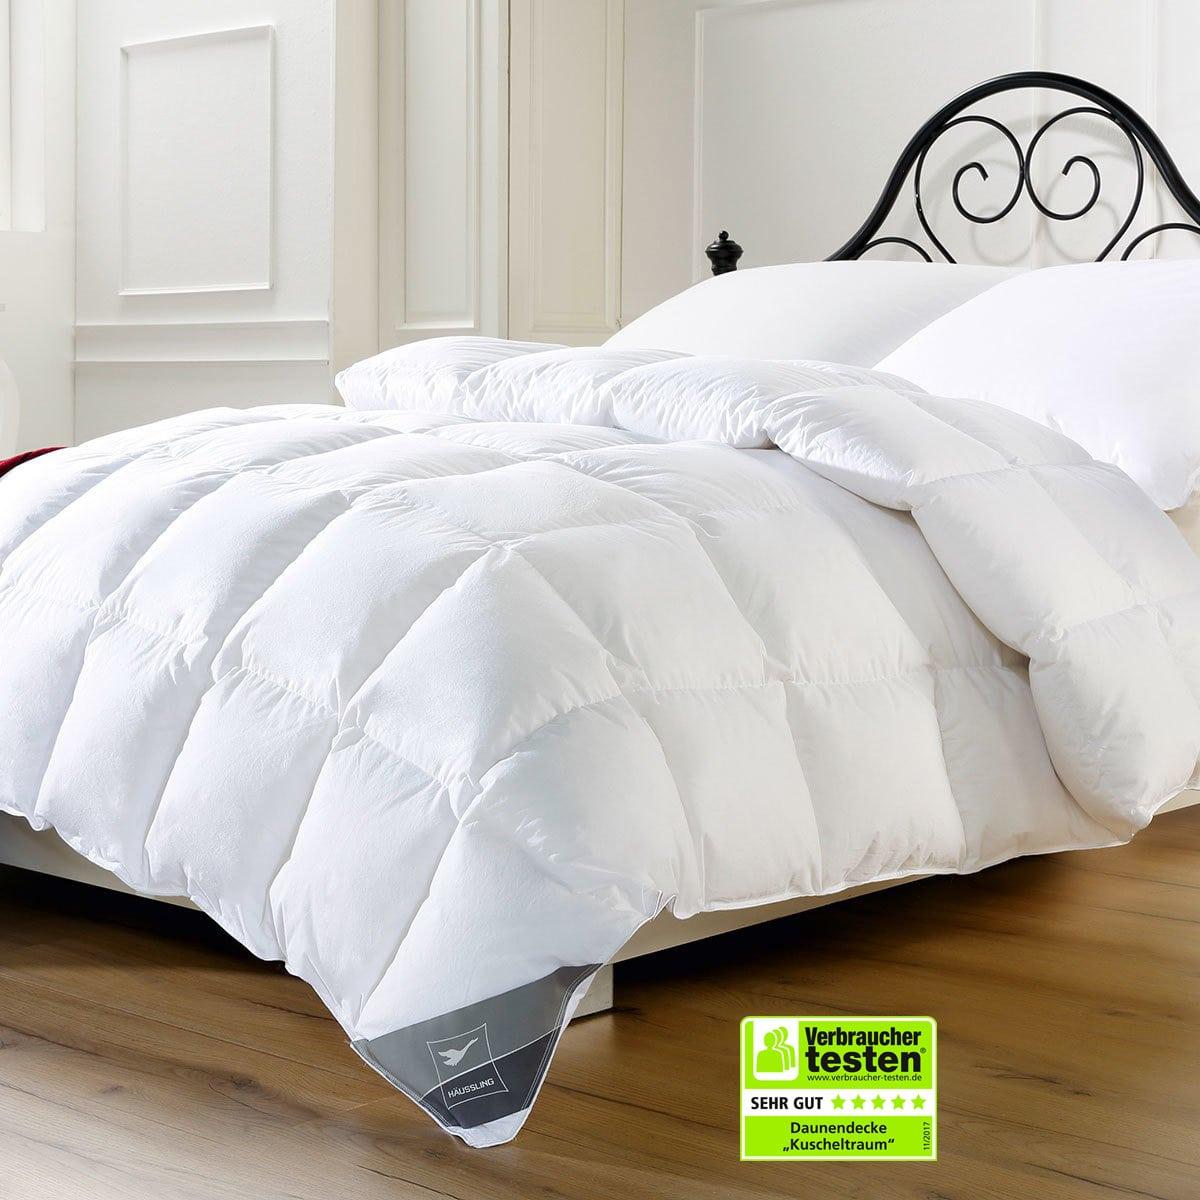 Bettdecke Decke Oberbett Ganzjahresdecke Füllung 1200g 60/%Daunen 155x220cm